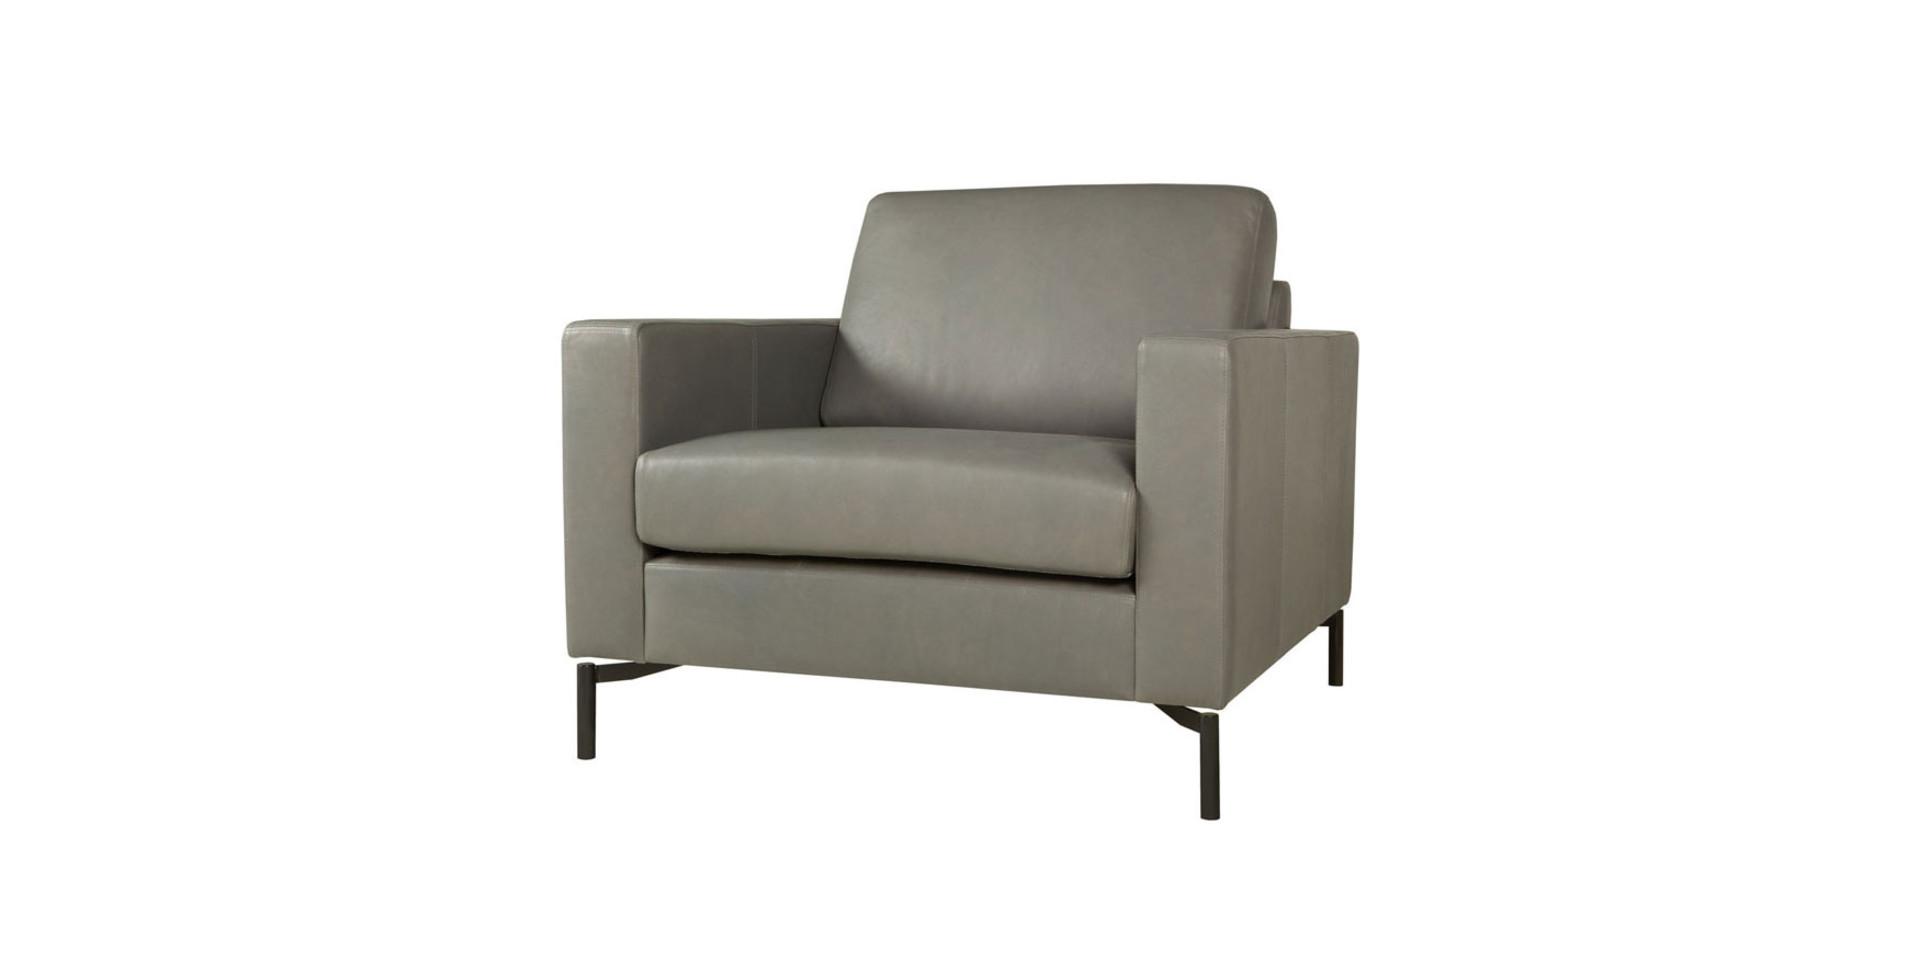 Sits quattro canap s angles fauteuils et poufs - Fauteuils et canapes ...